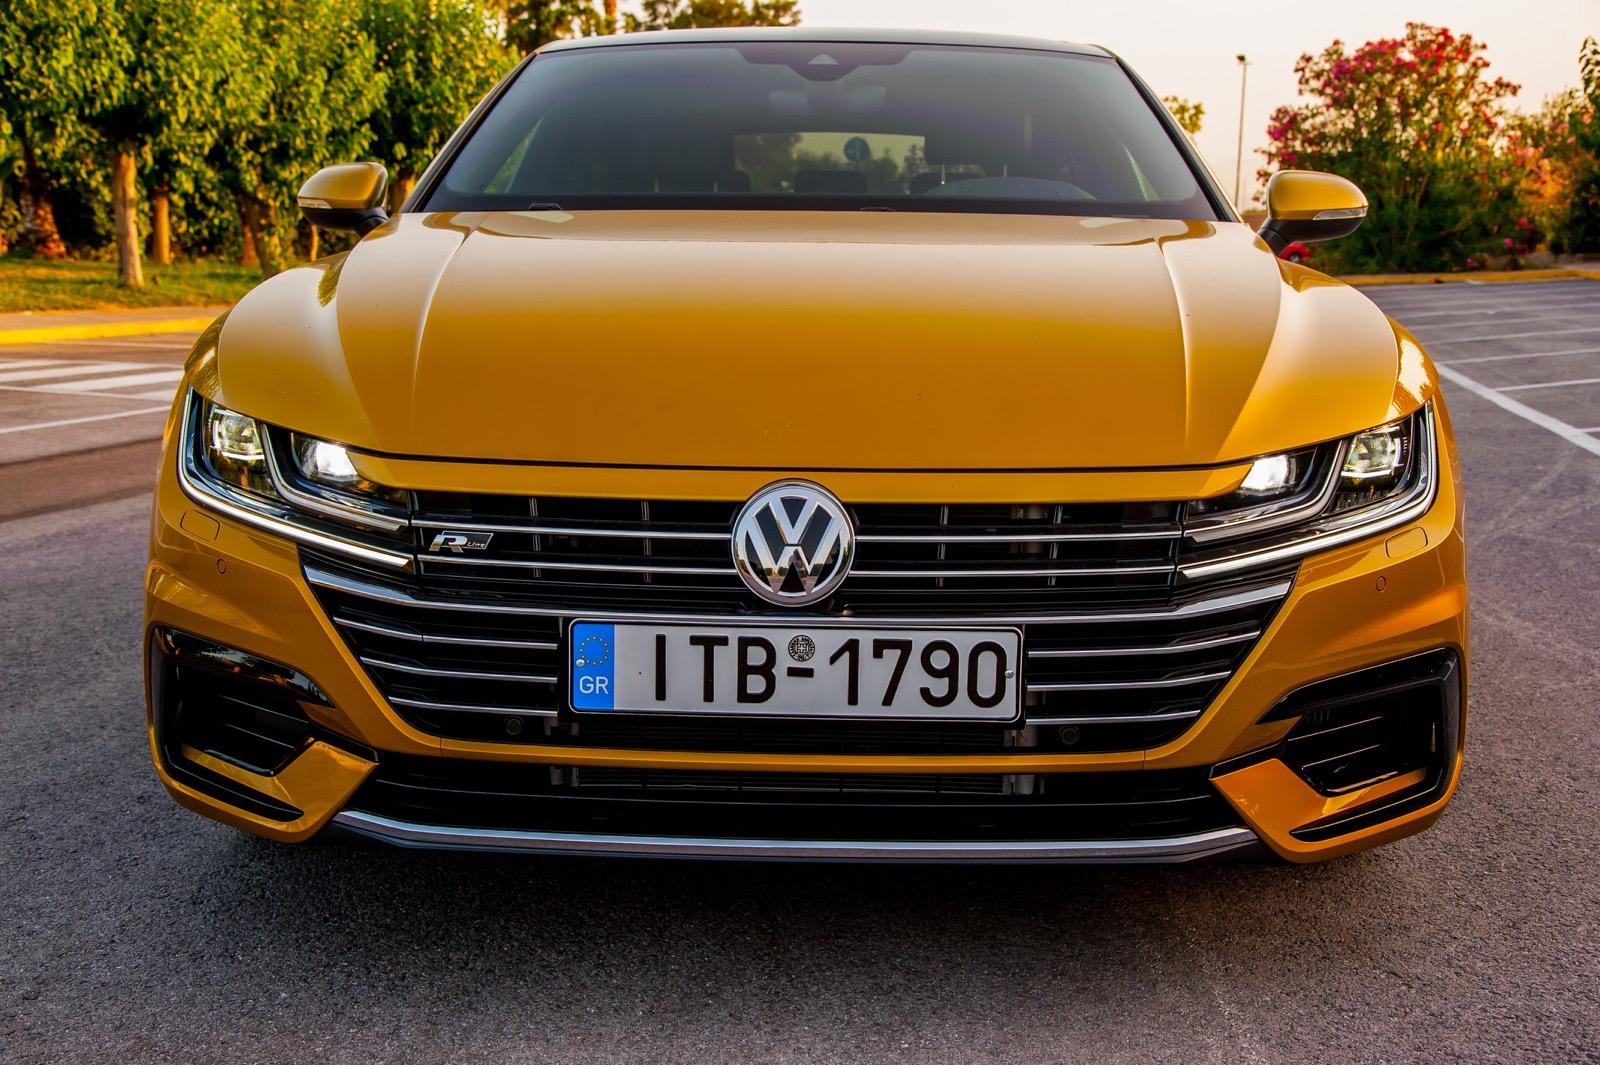 Volkswagen_Arteon_Greek_Presentataion_66